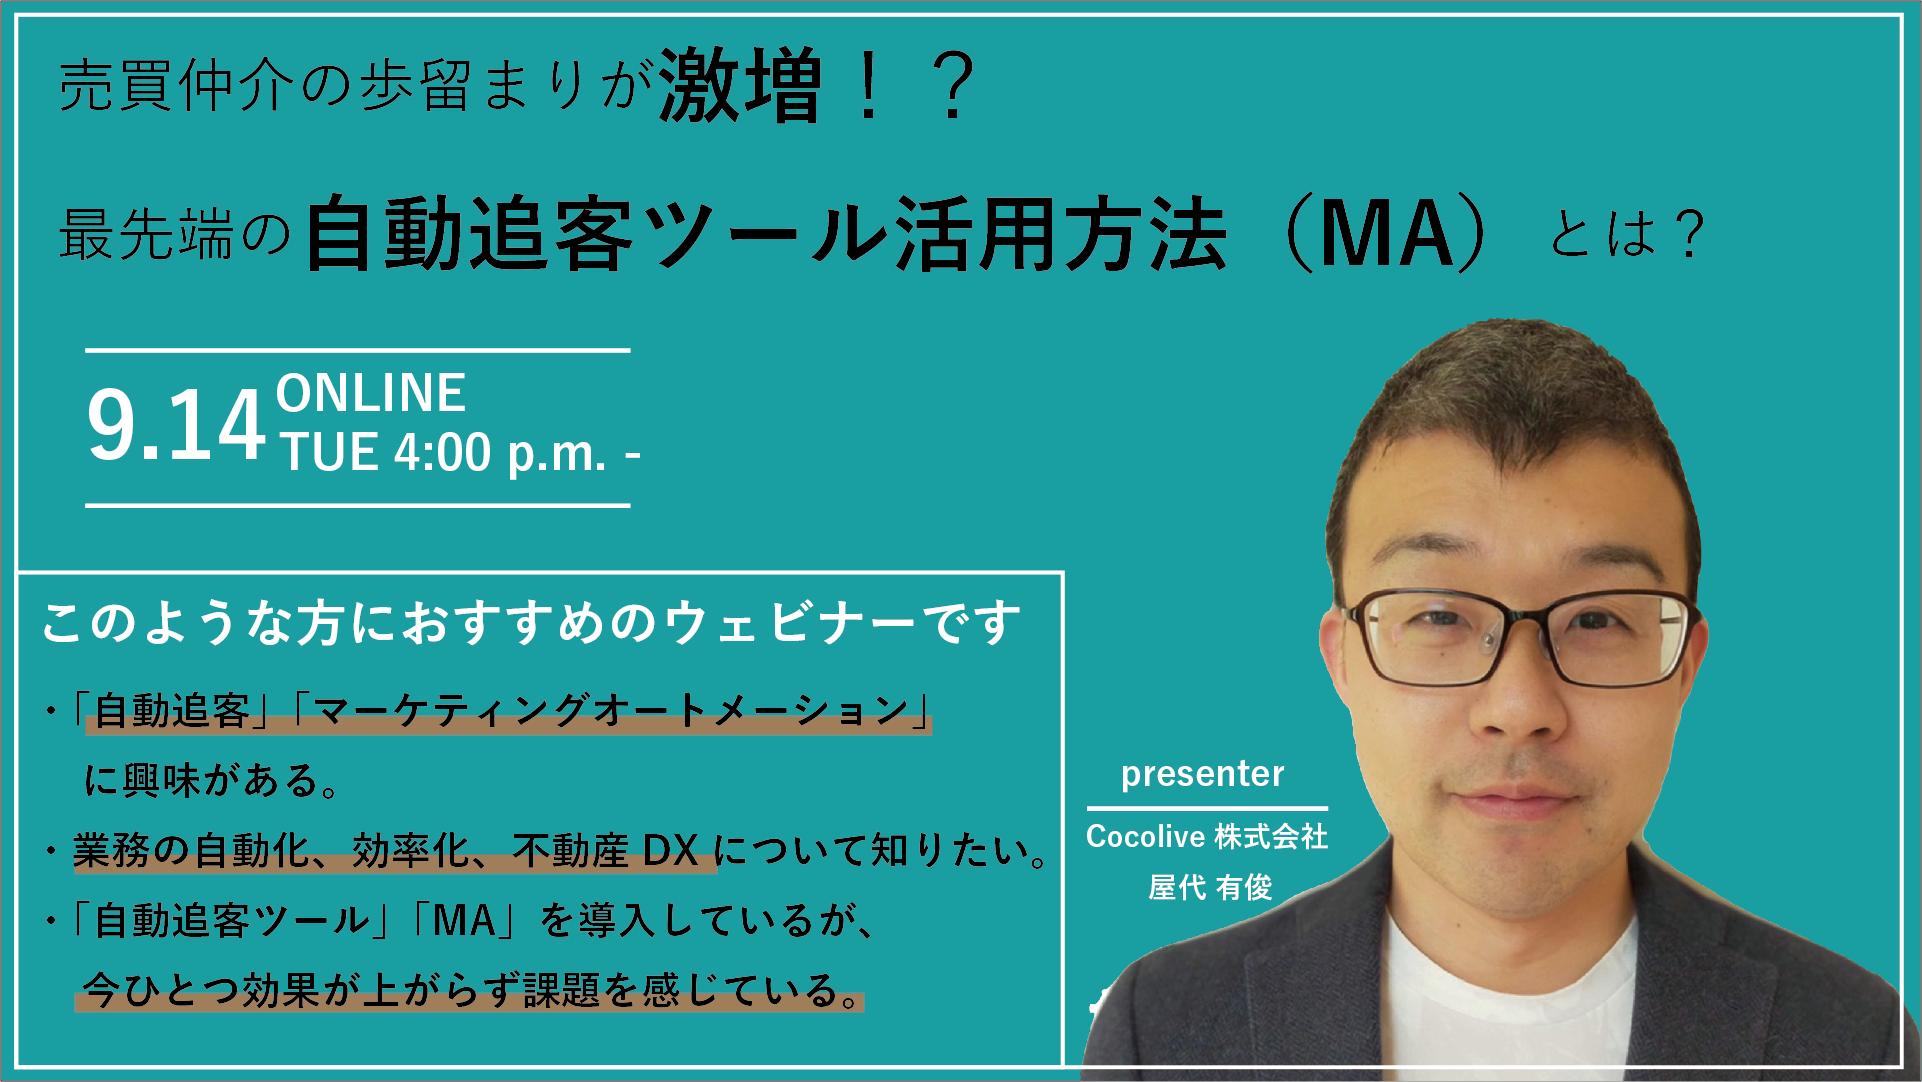 【ハウスドゥ × KASIKA】 売買仲介の歩留まりが激増!?最先端の自動追客ツール活用方法(MA)とは?